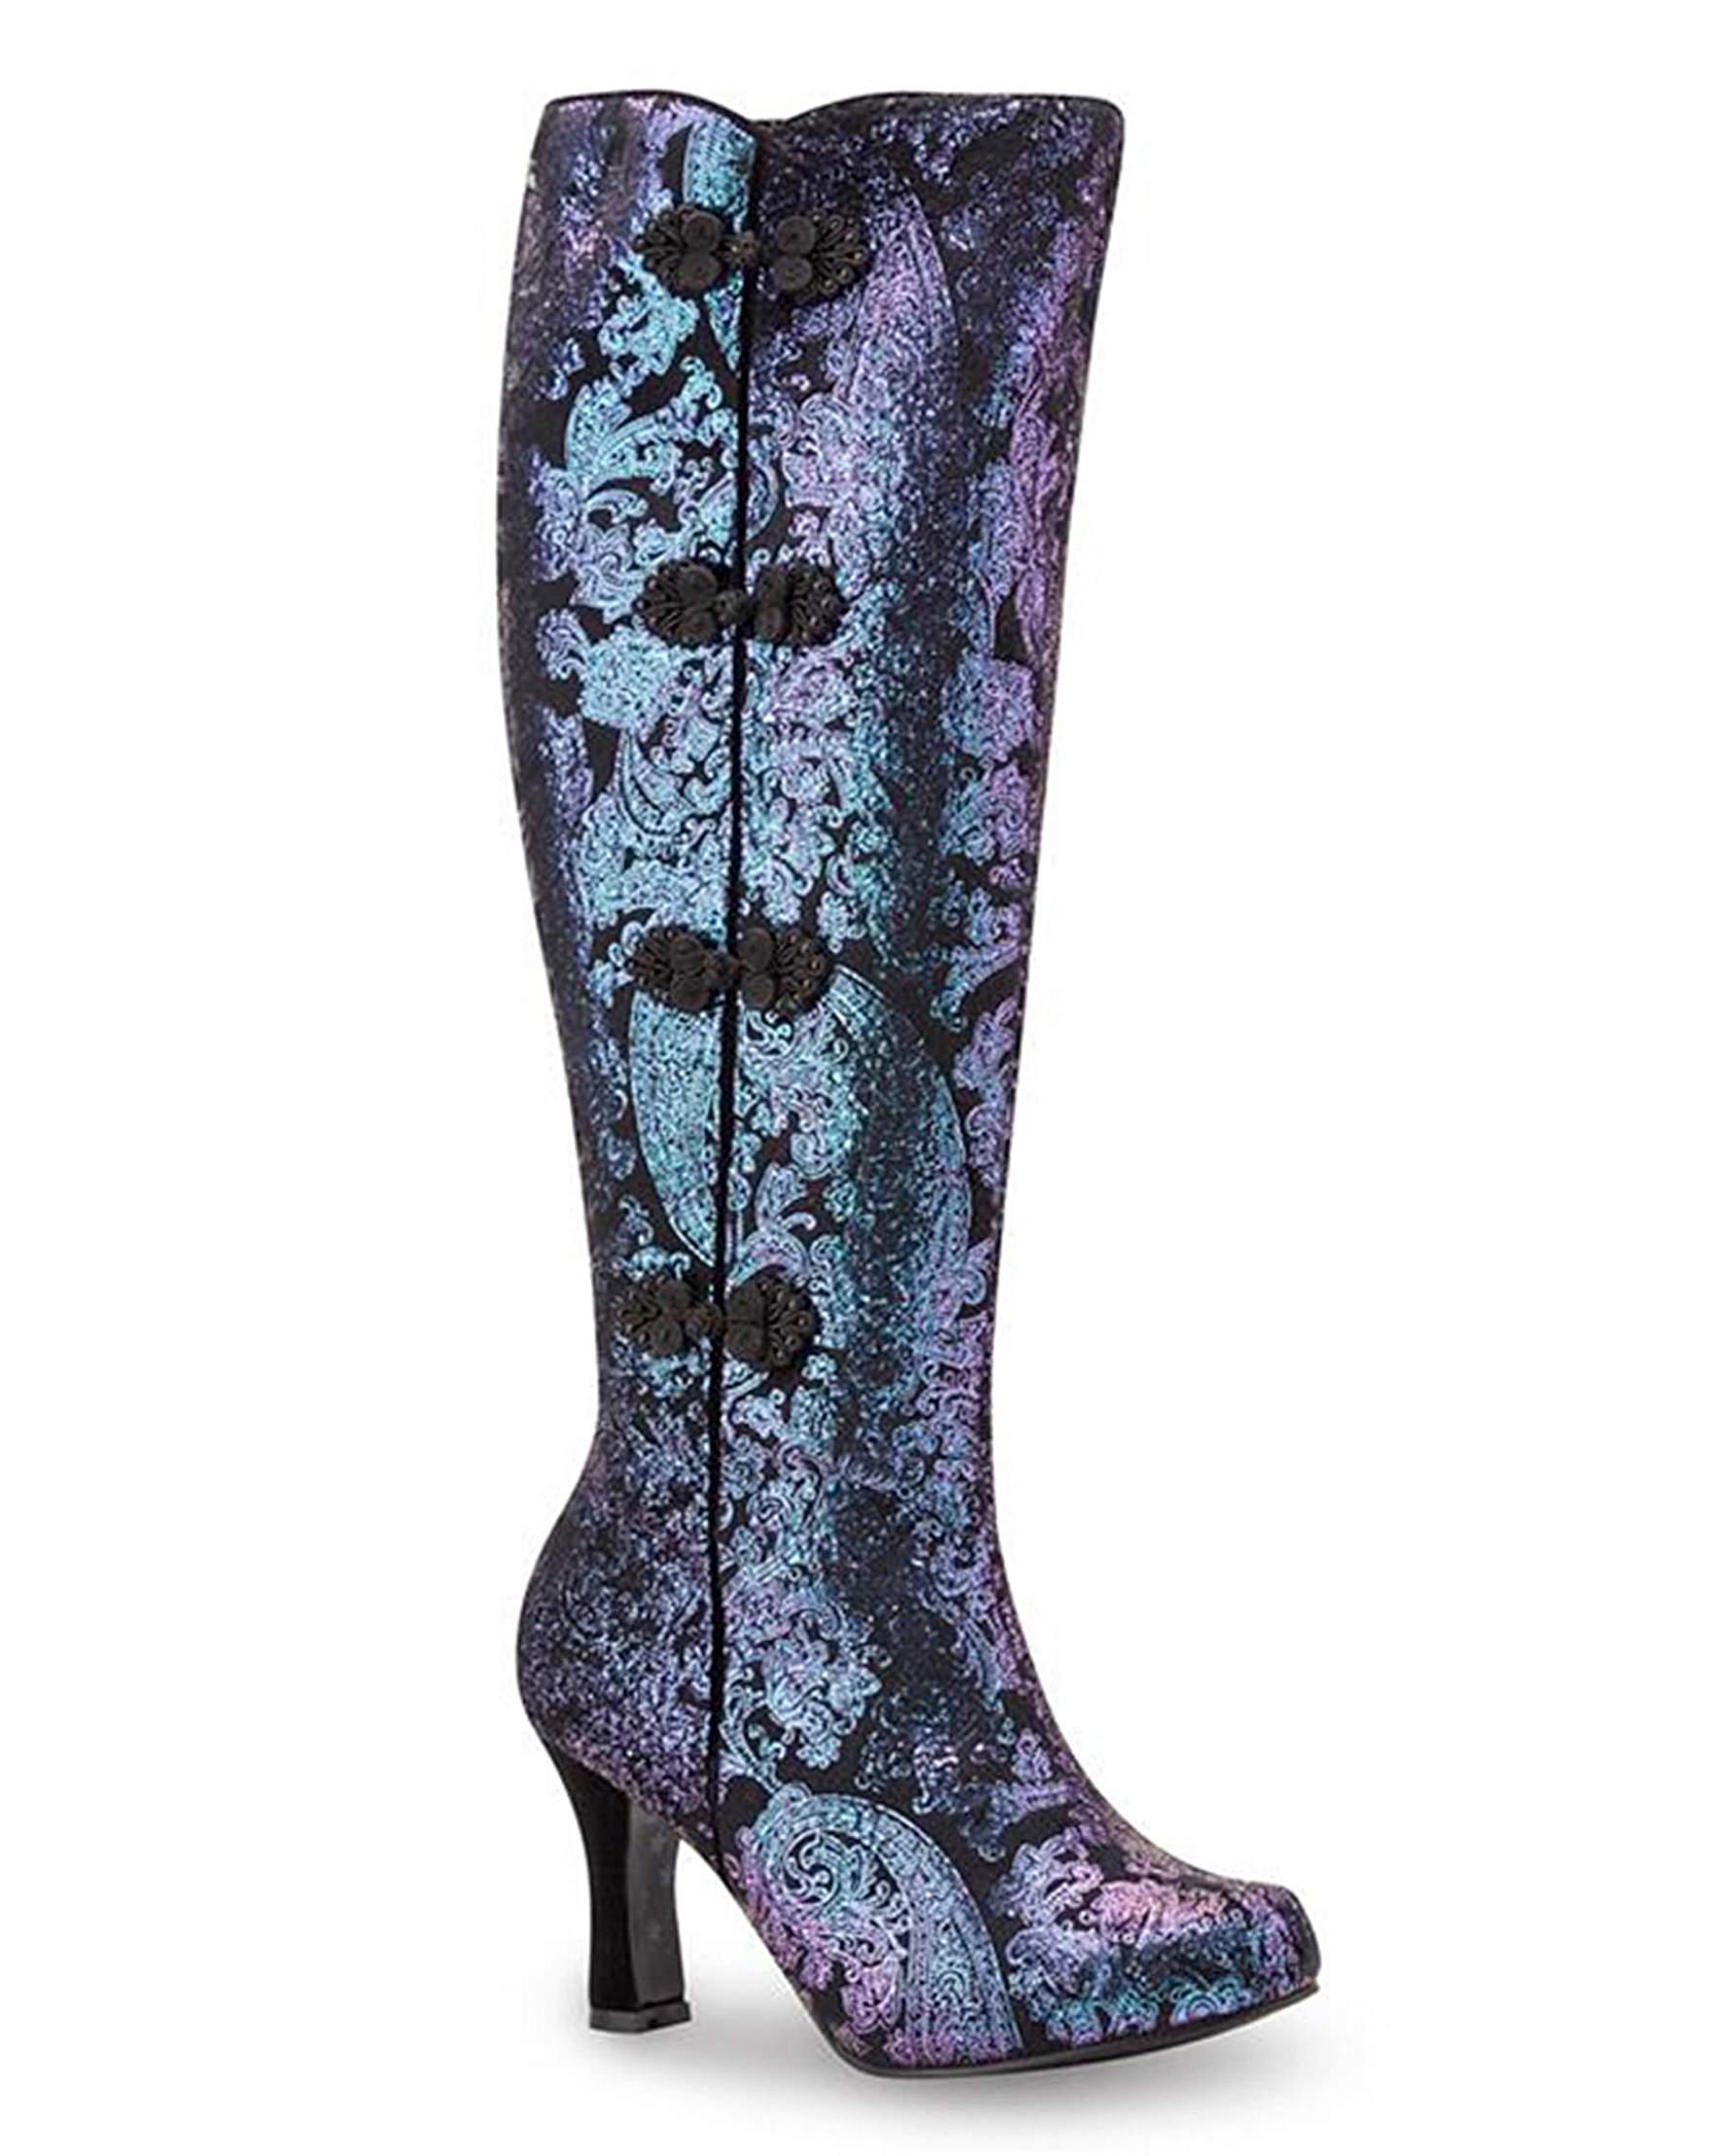 925716d4085926 Joe Browns Couture Spirit Knee High Boots Standard Calf Width